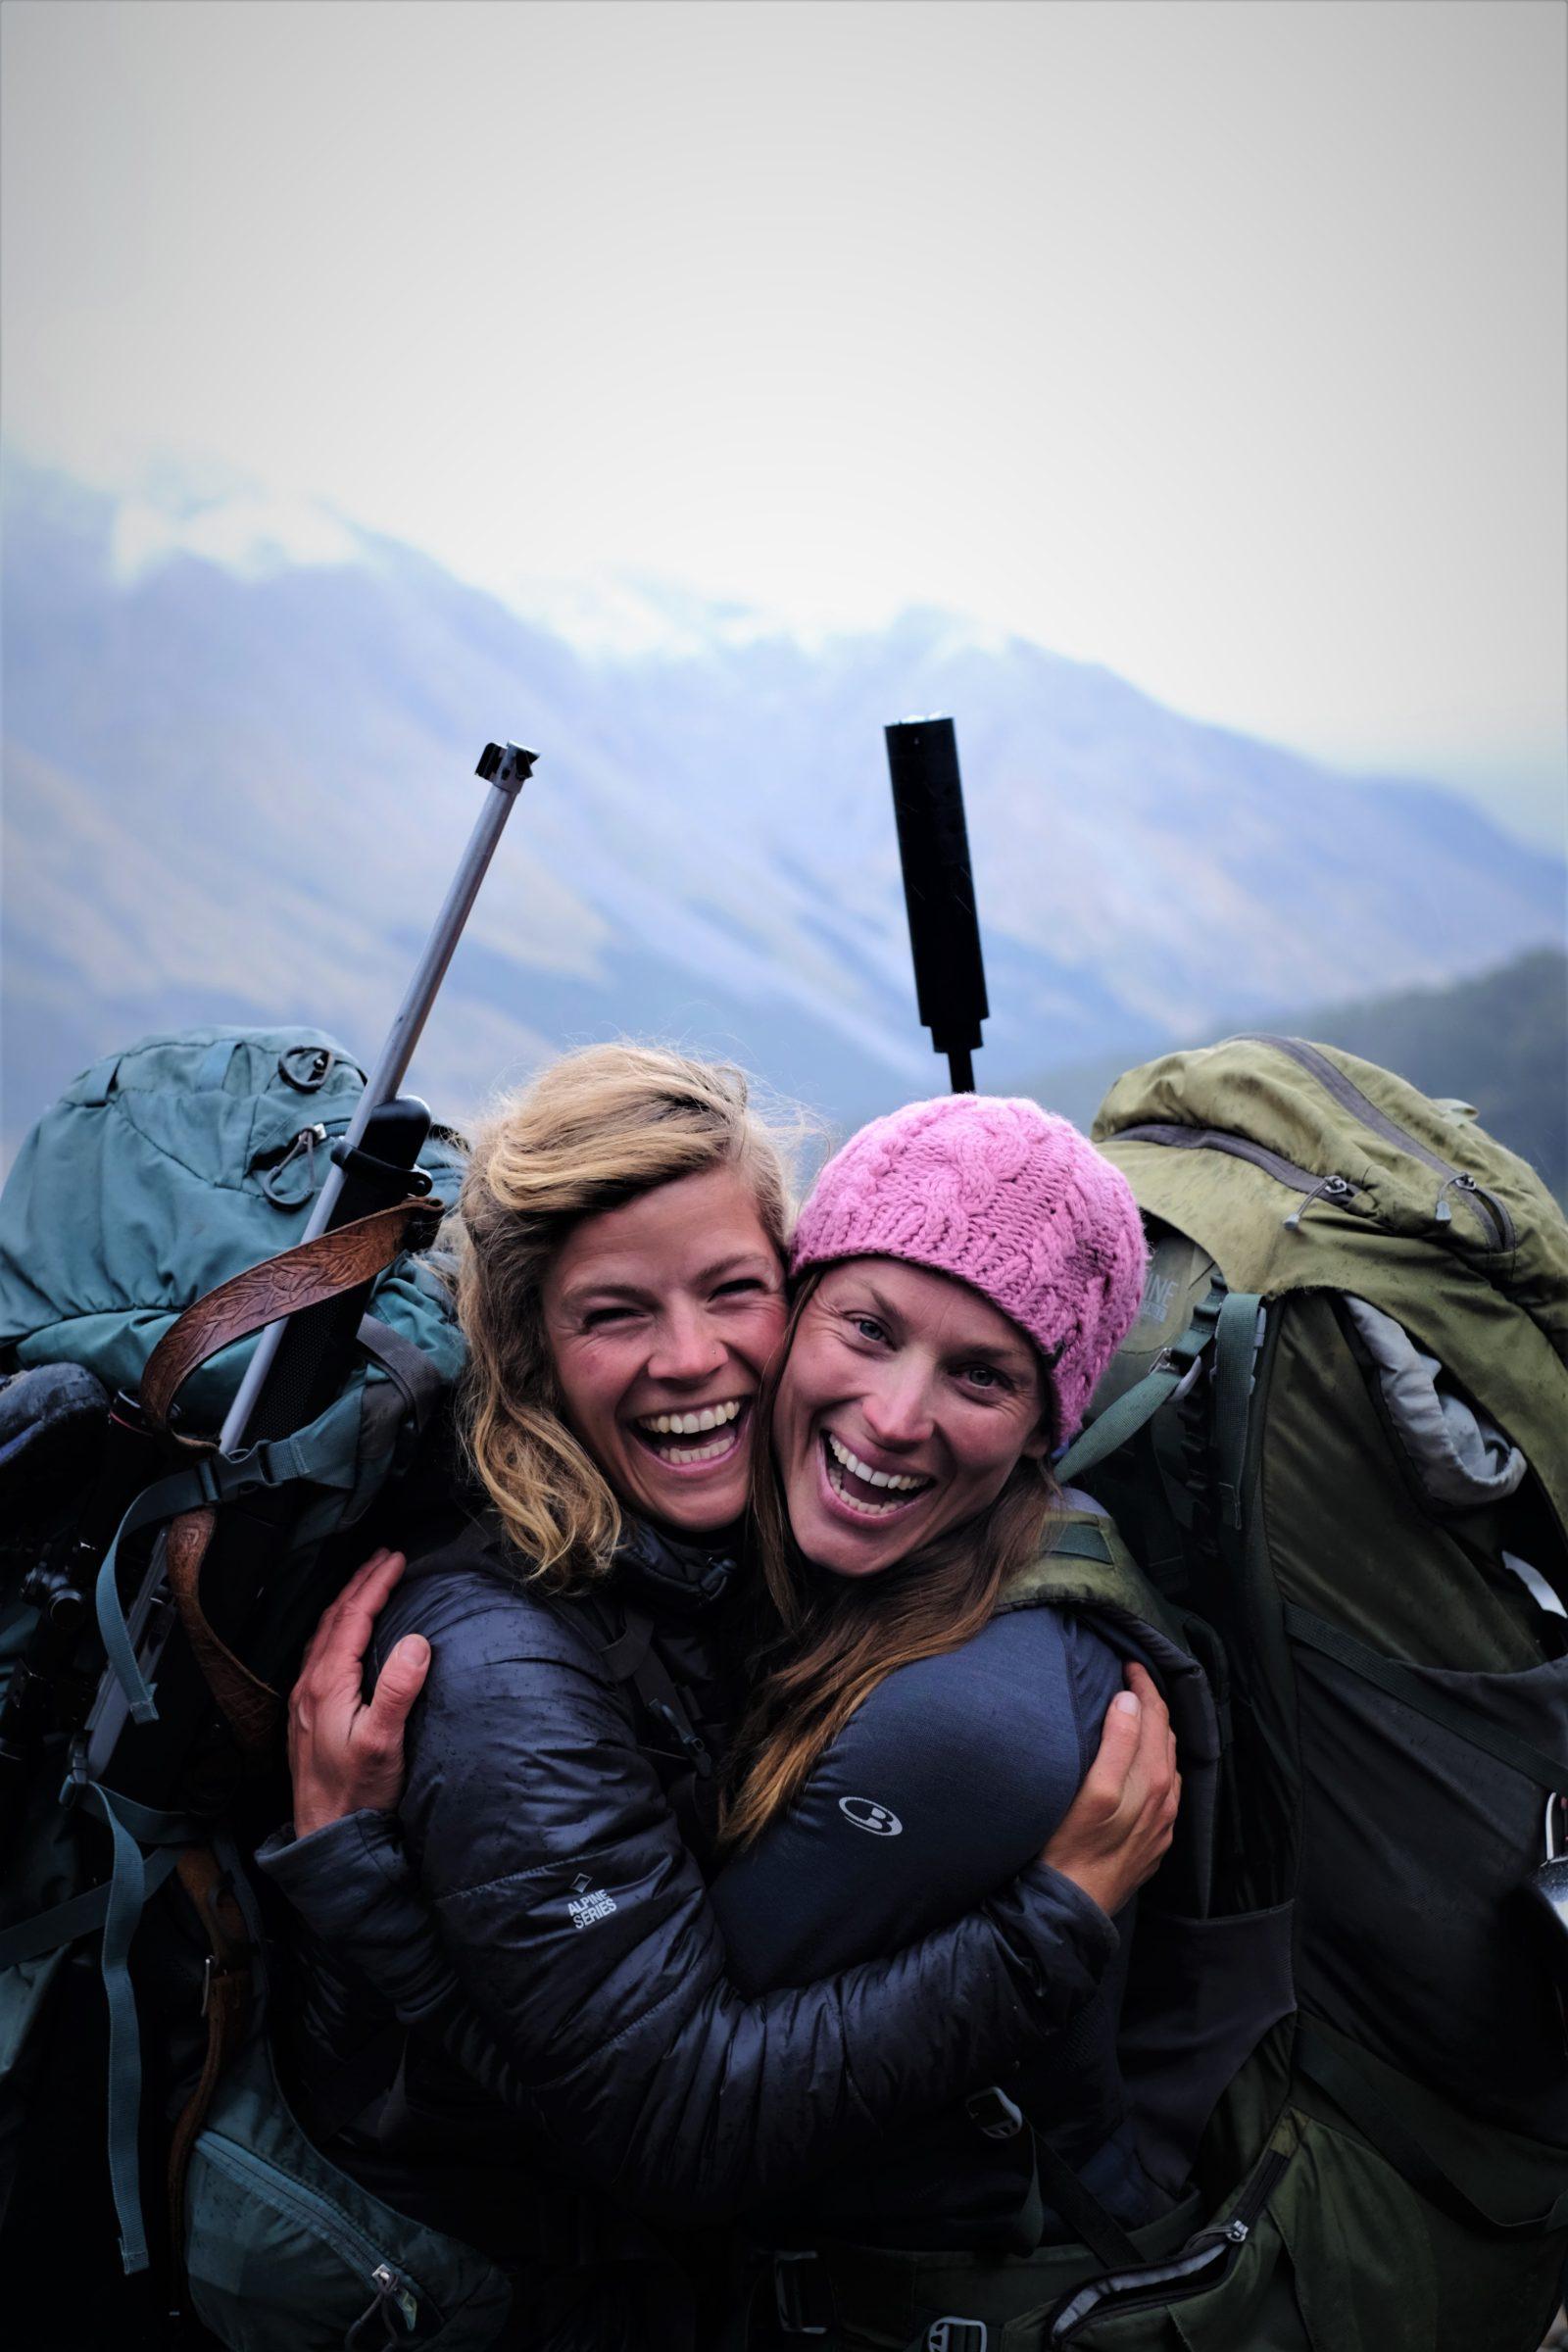 Tamar Valkenier (links) met Miriam Lancewood (rechts) tijdens hun extreme female expedition in Nieuw-Zeeland